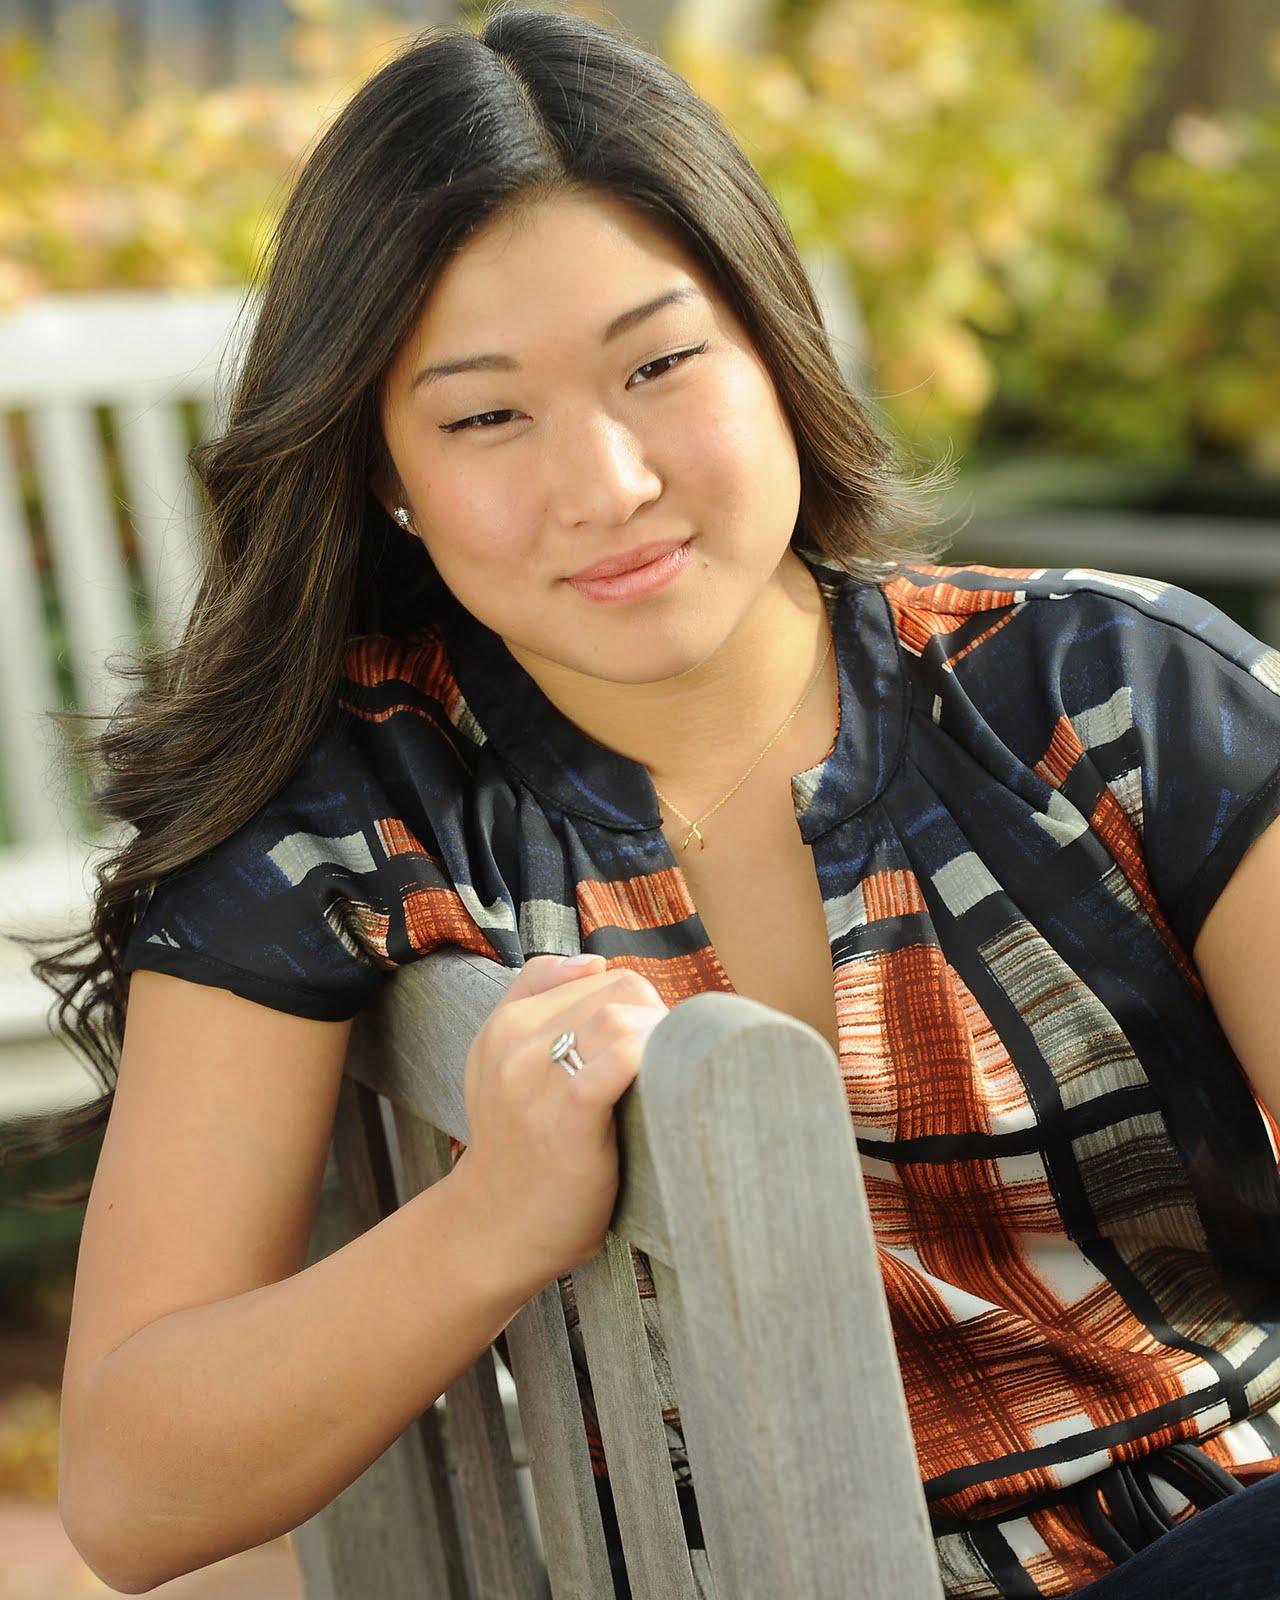 Jenna ushkowitz datování 2014